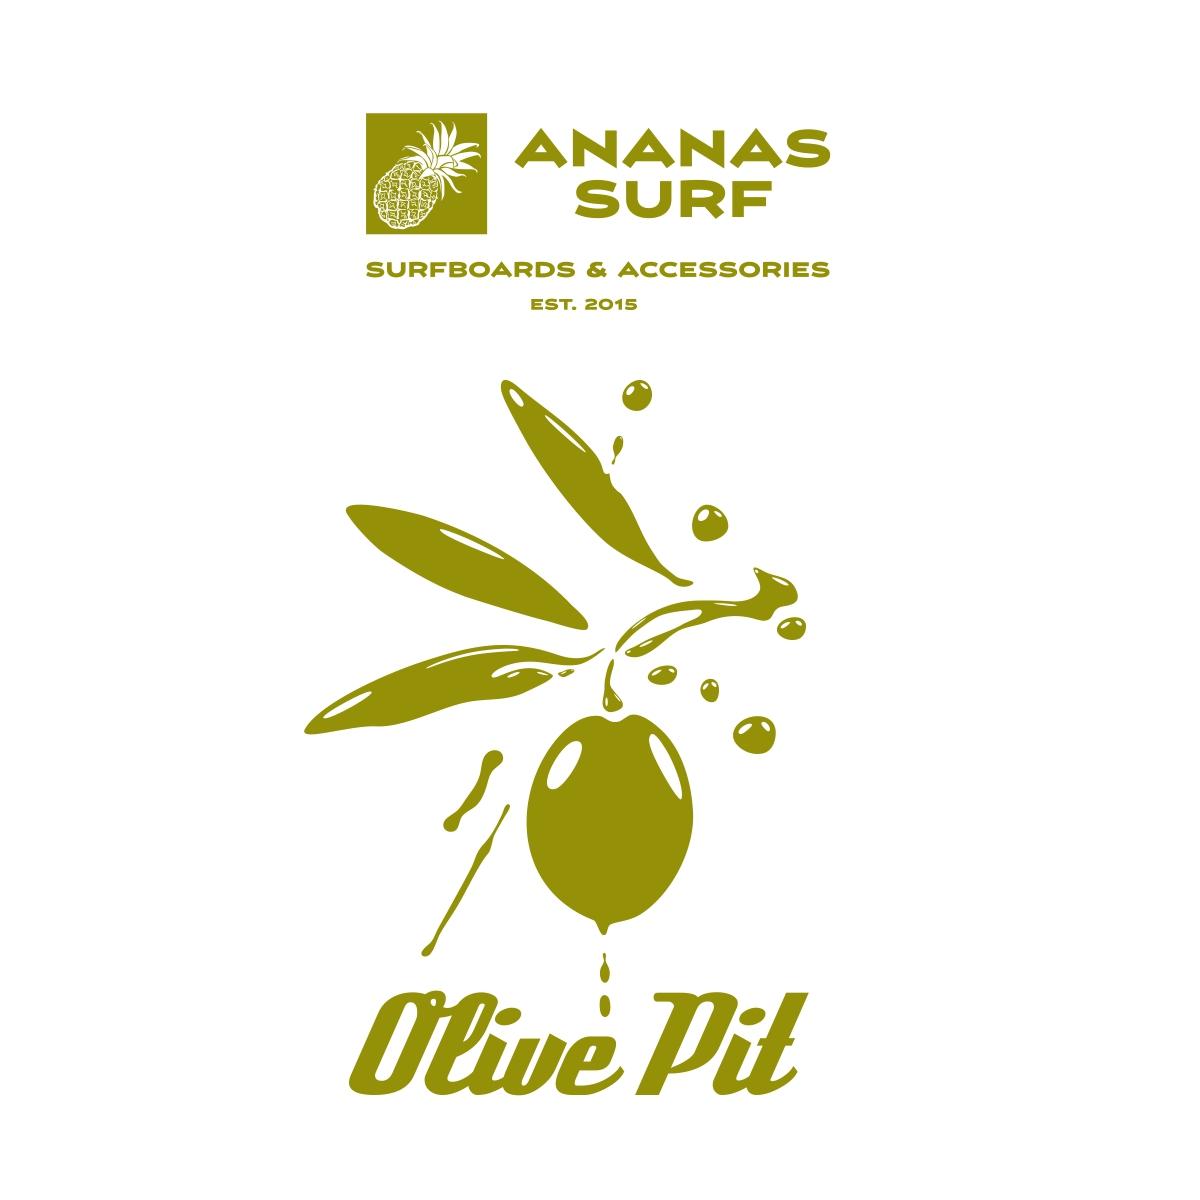 Ananas Surf Olive Pit surfboard logo